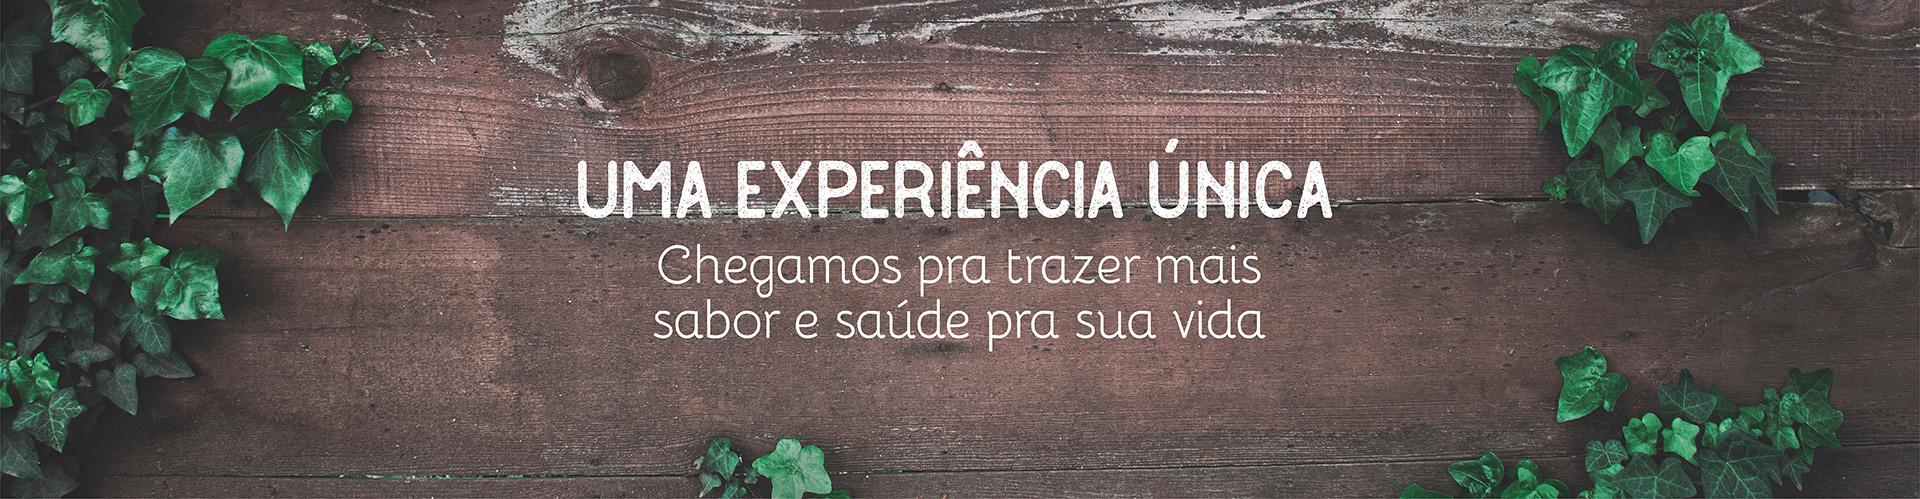 experiencia unica